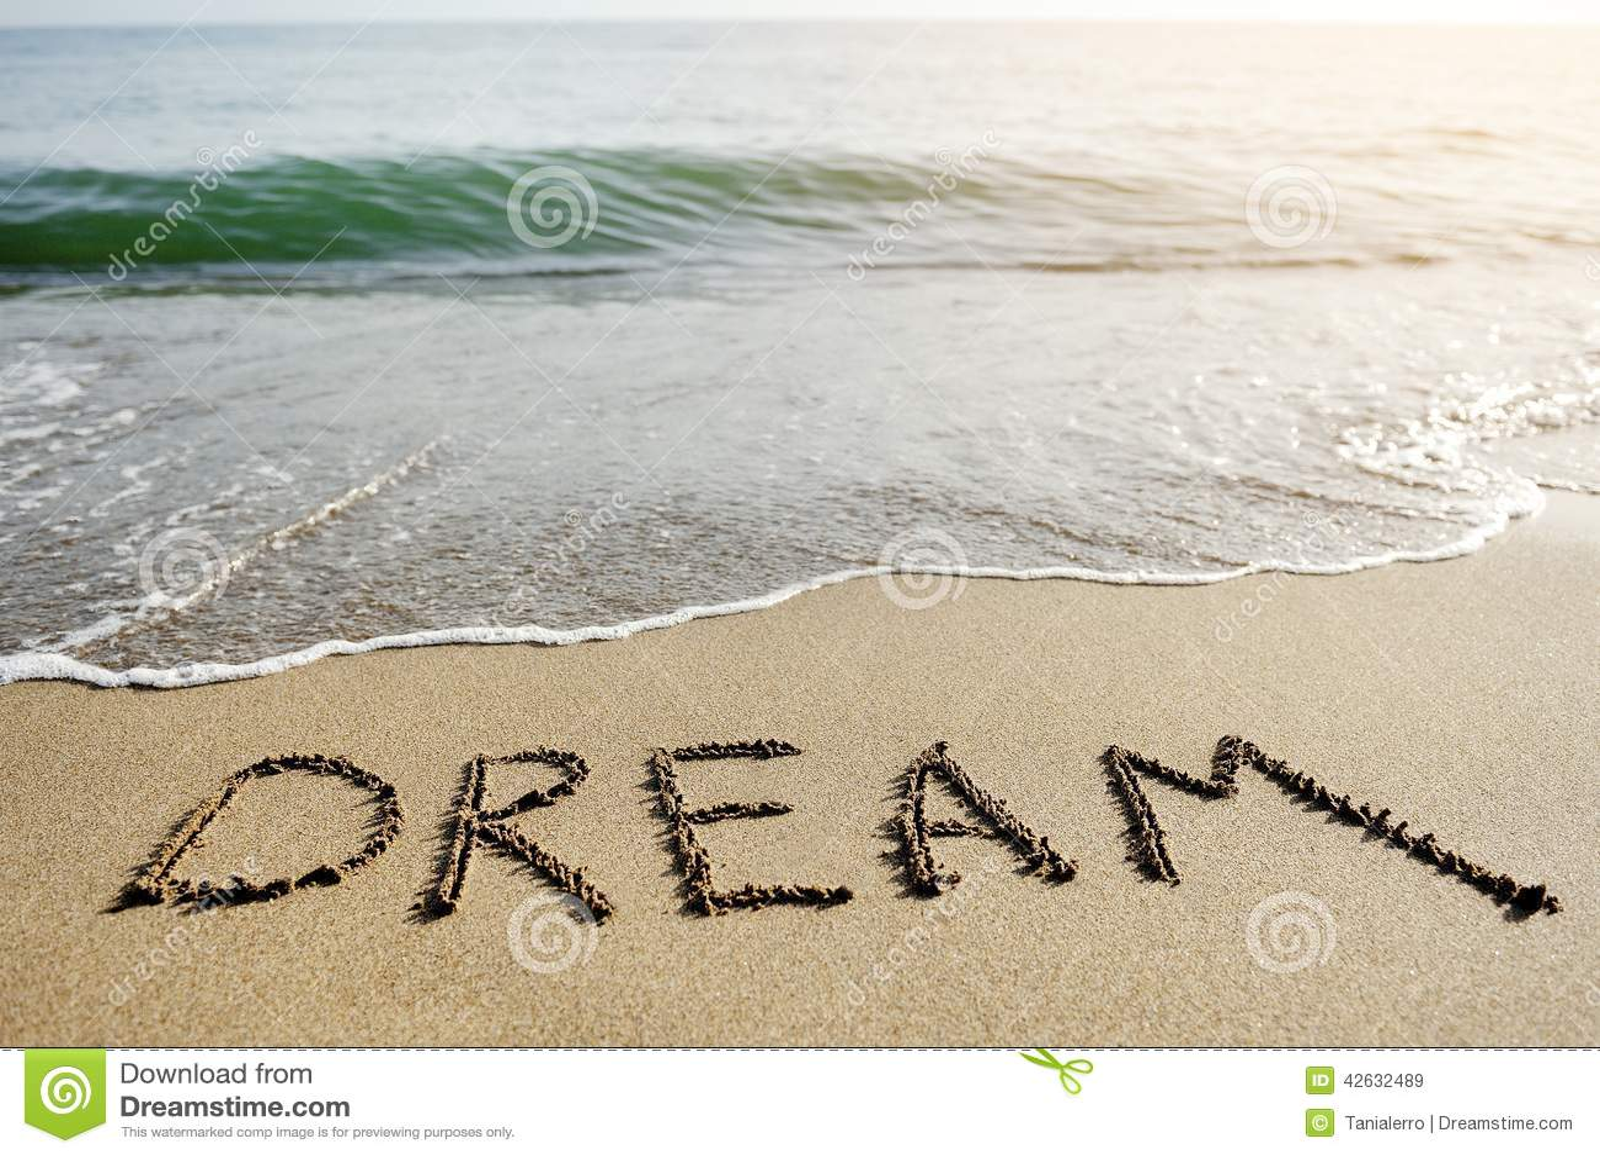 Palabra ideal escrita en la arena de la playa - concepto de pensamiento positivo